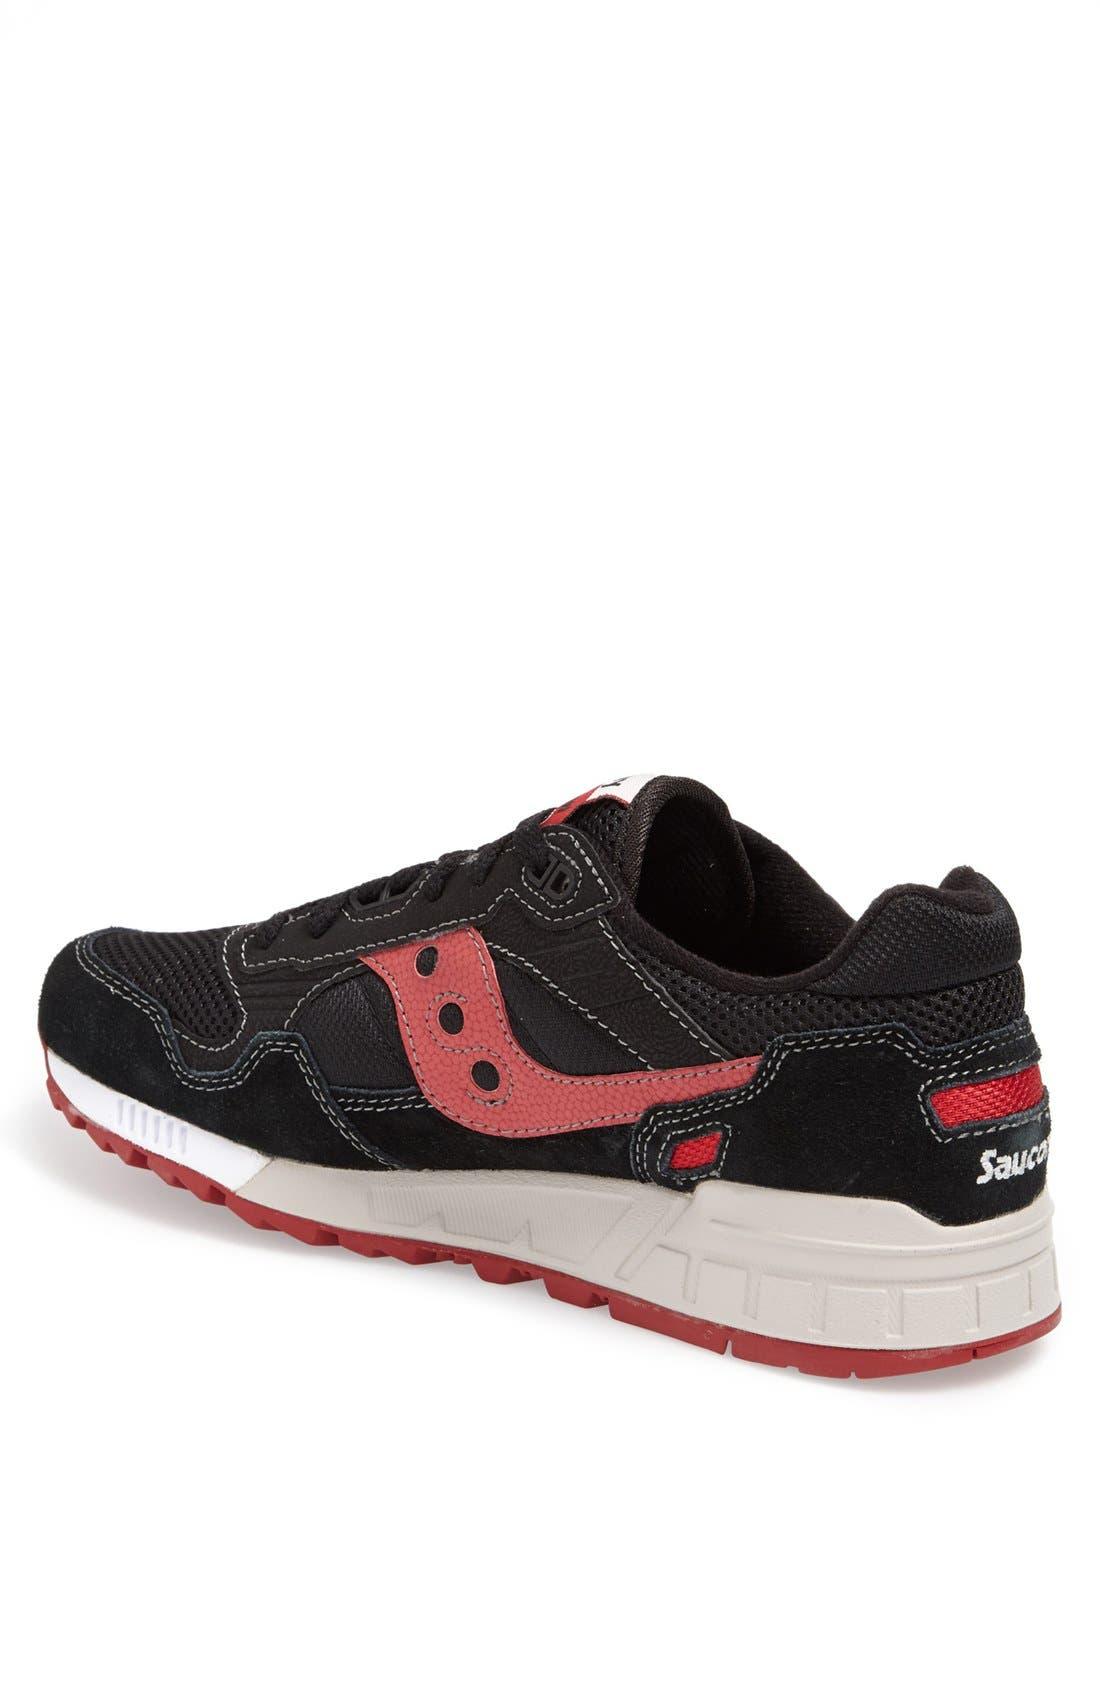 Alternate Image 2  - Saucony 'Shadow 5000' Sneaker (Men)